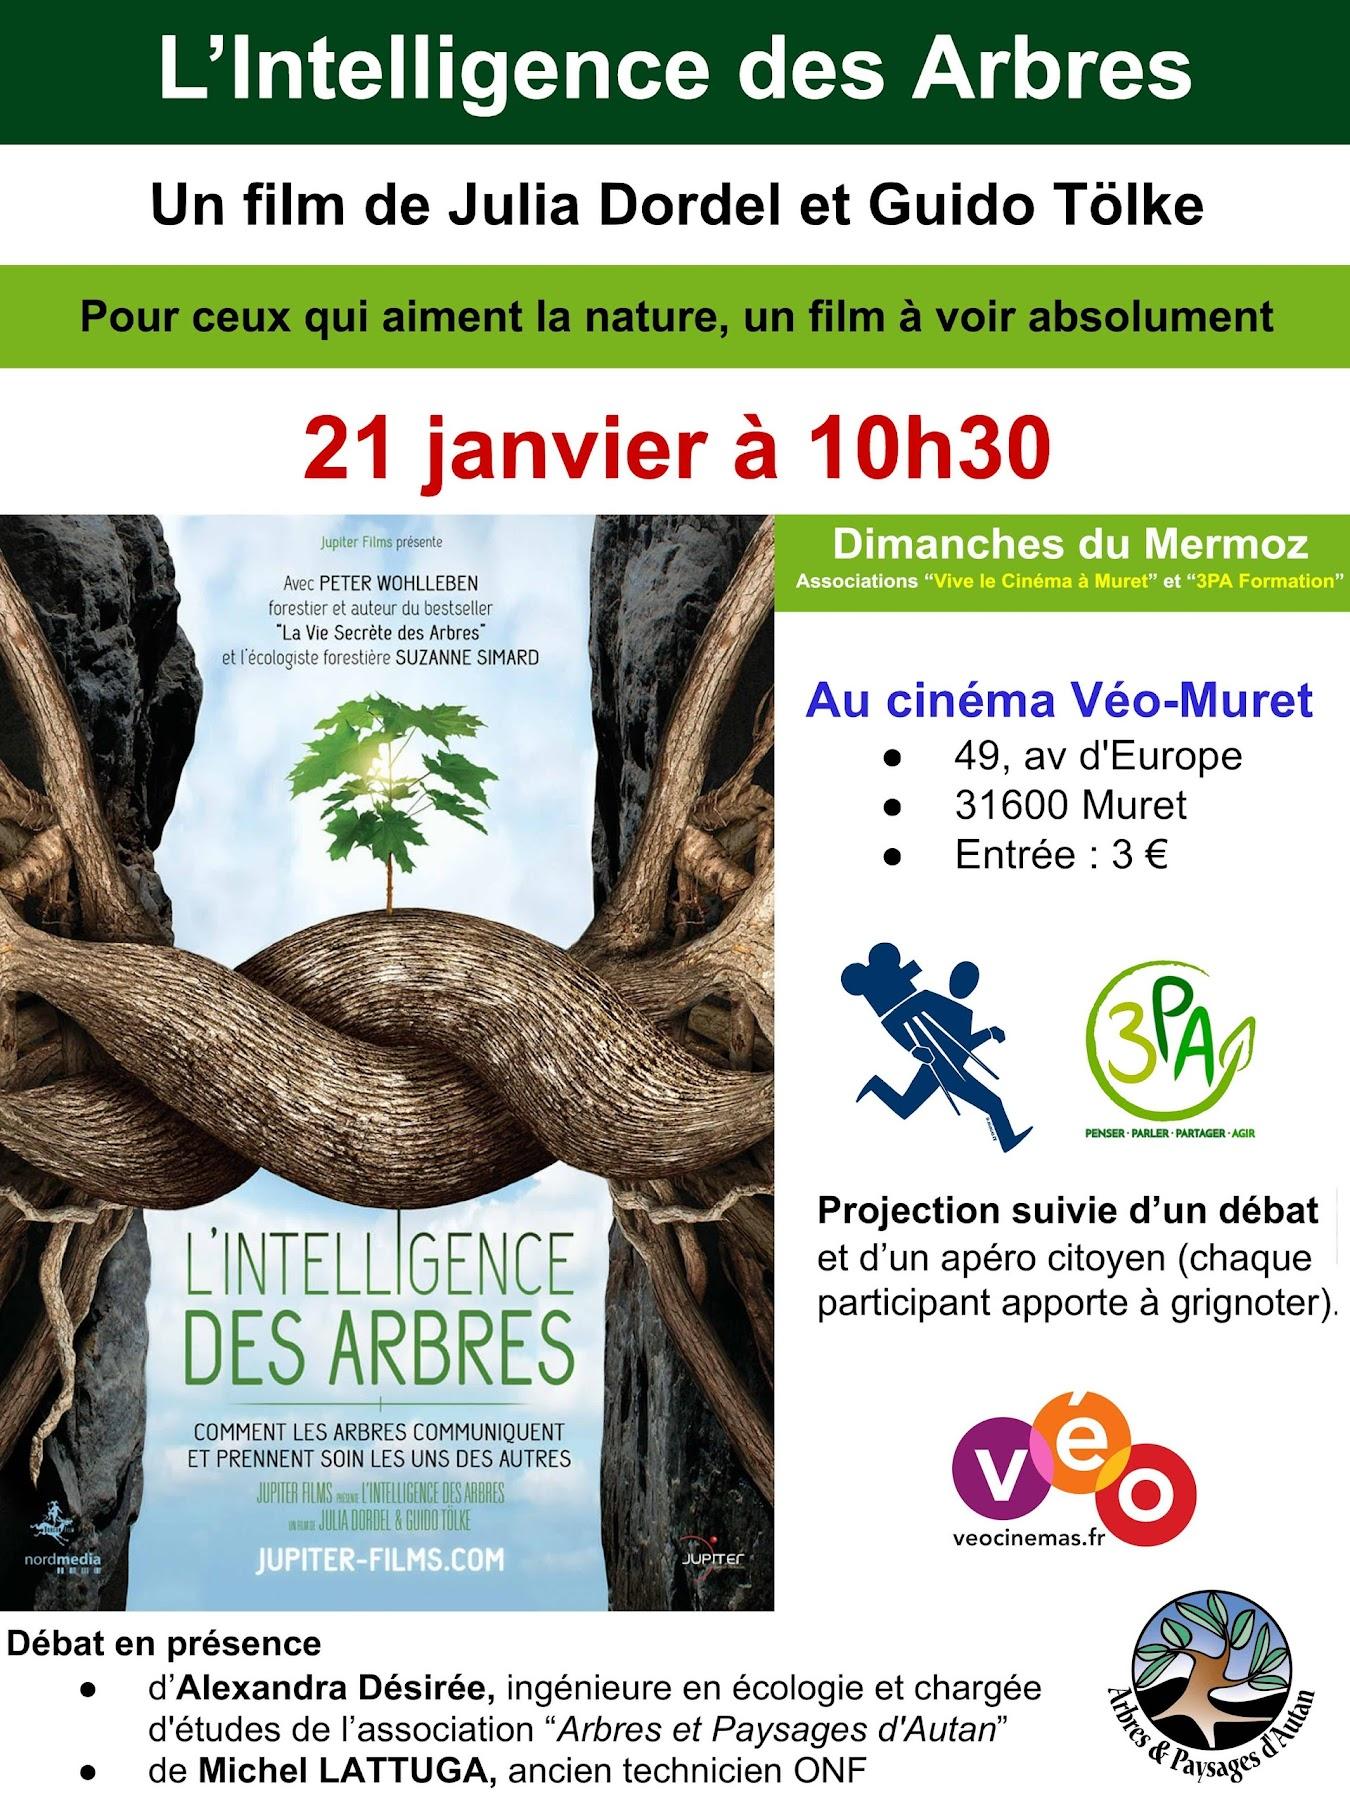 Exposition du 12 janvier au 21 janvier au cinéma Véo-Muret